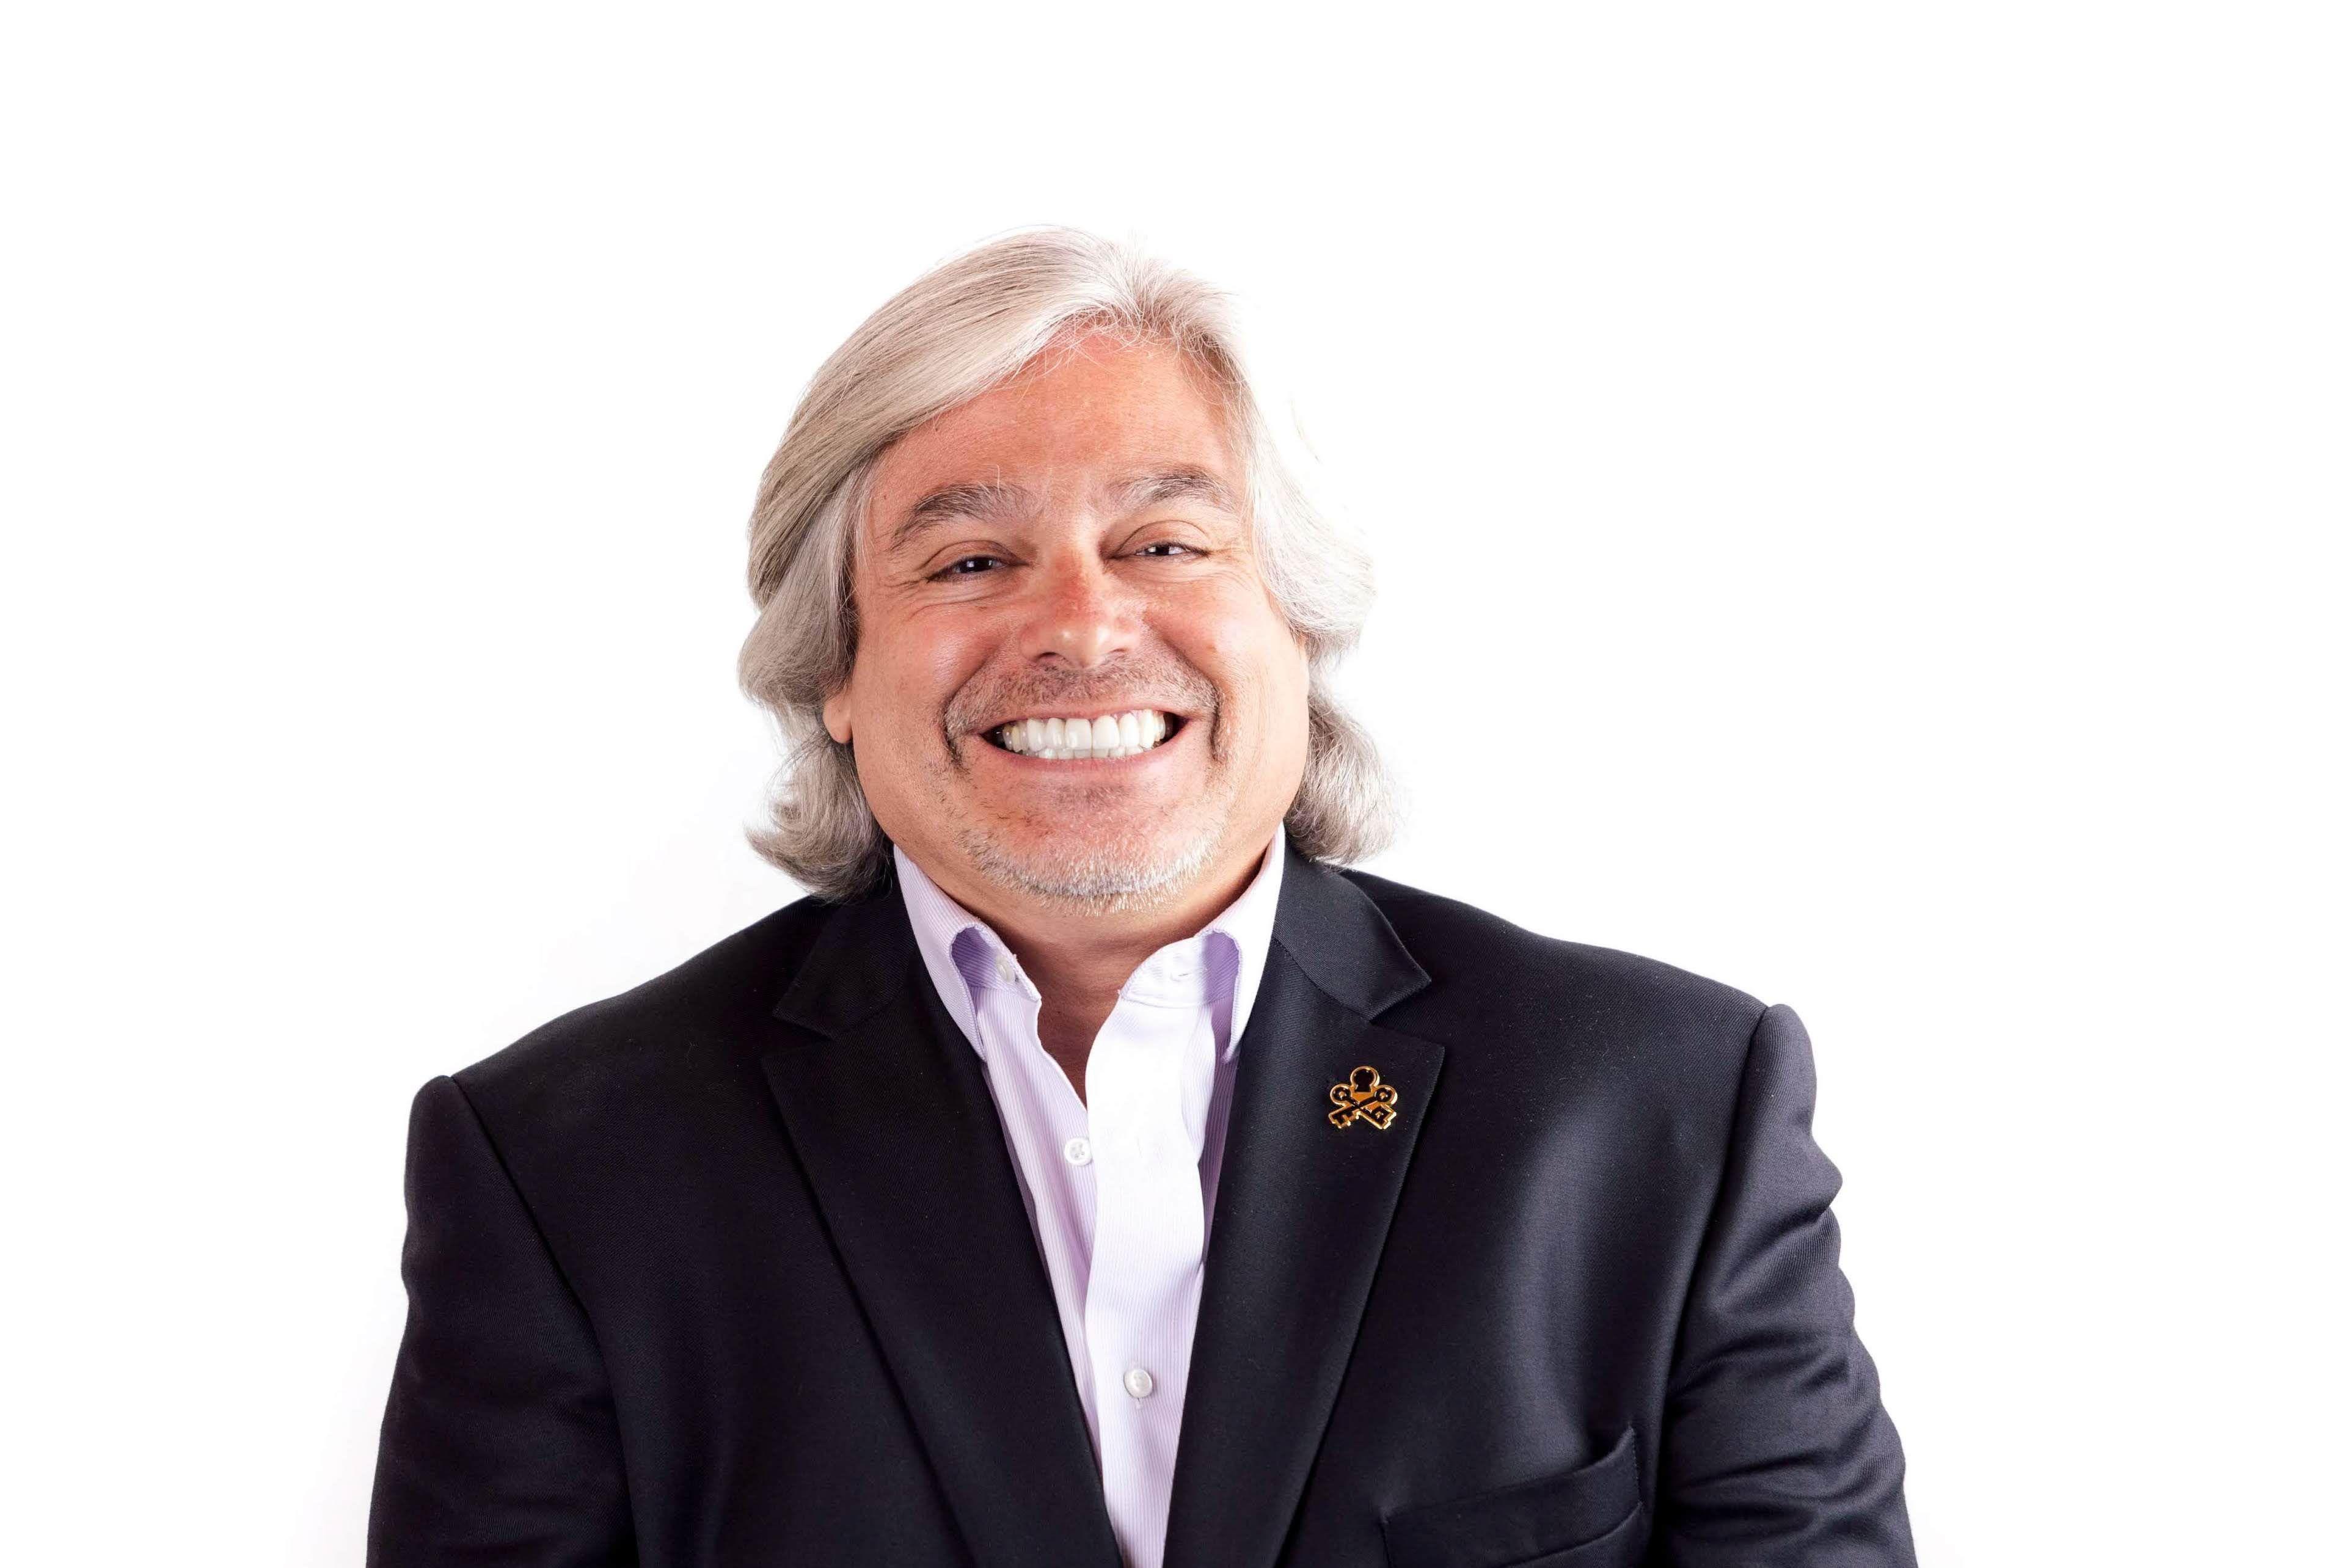 Santiago Corrada, President & CEO, Visit Tampa Bay